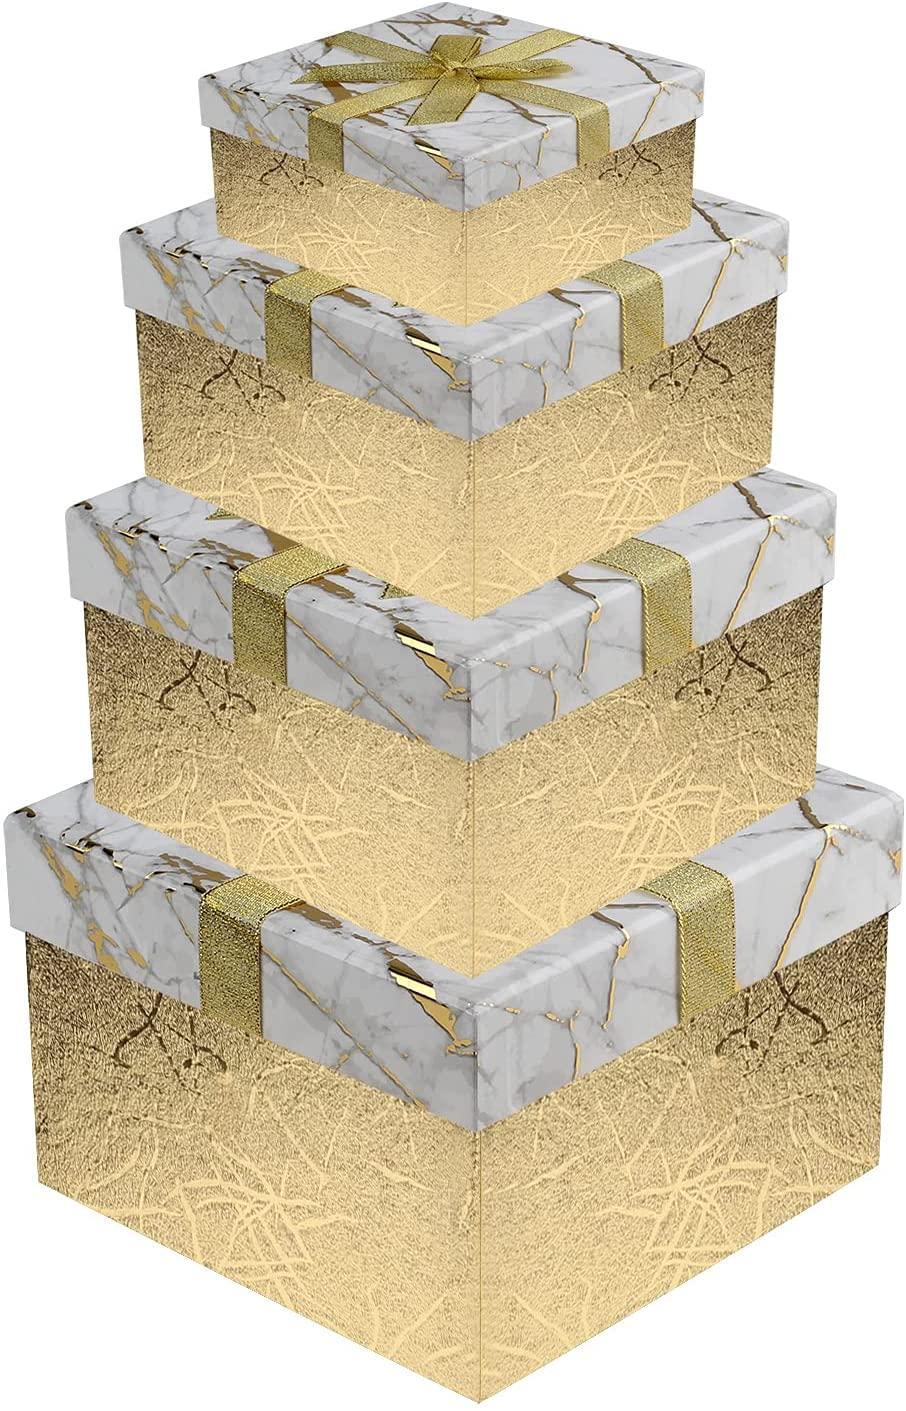 Cajas de cartón decoradas - cajas de cartón decoradas para guardar la ropa en oro